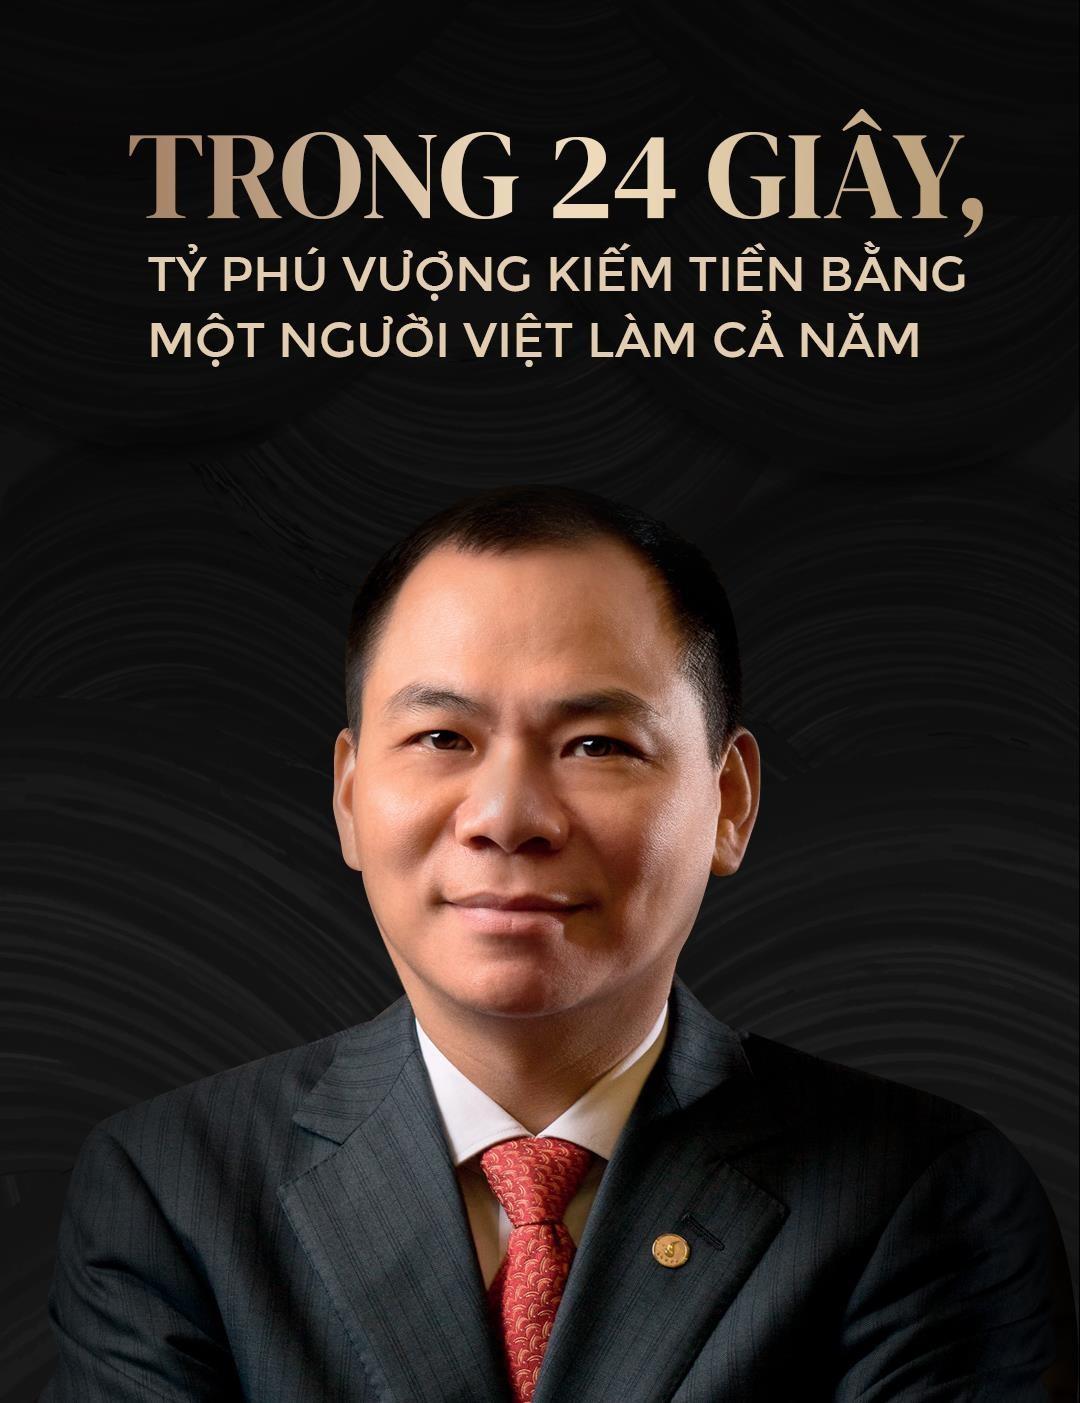 Trong 24 giây, tỉ phú Vượng kiếm tiền bằng một người Việt làm cả năm - Ảnh 1.